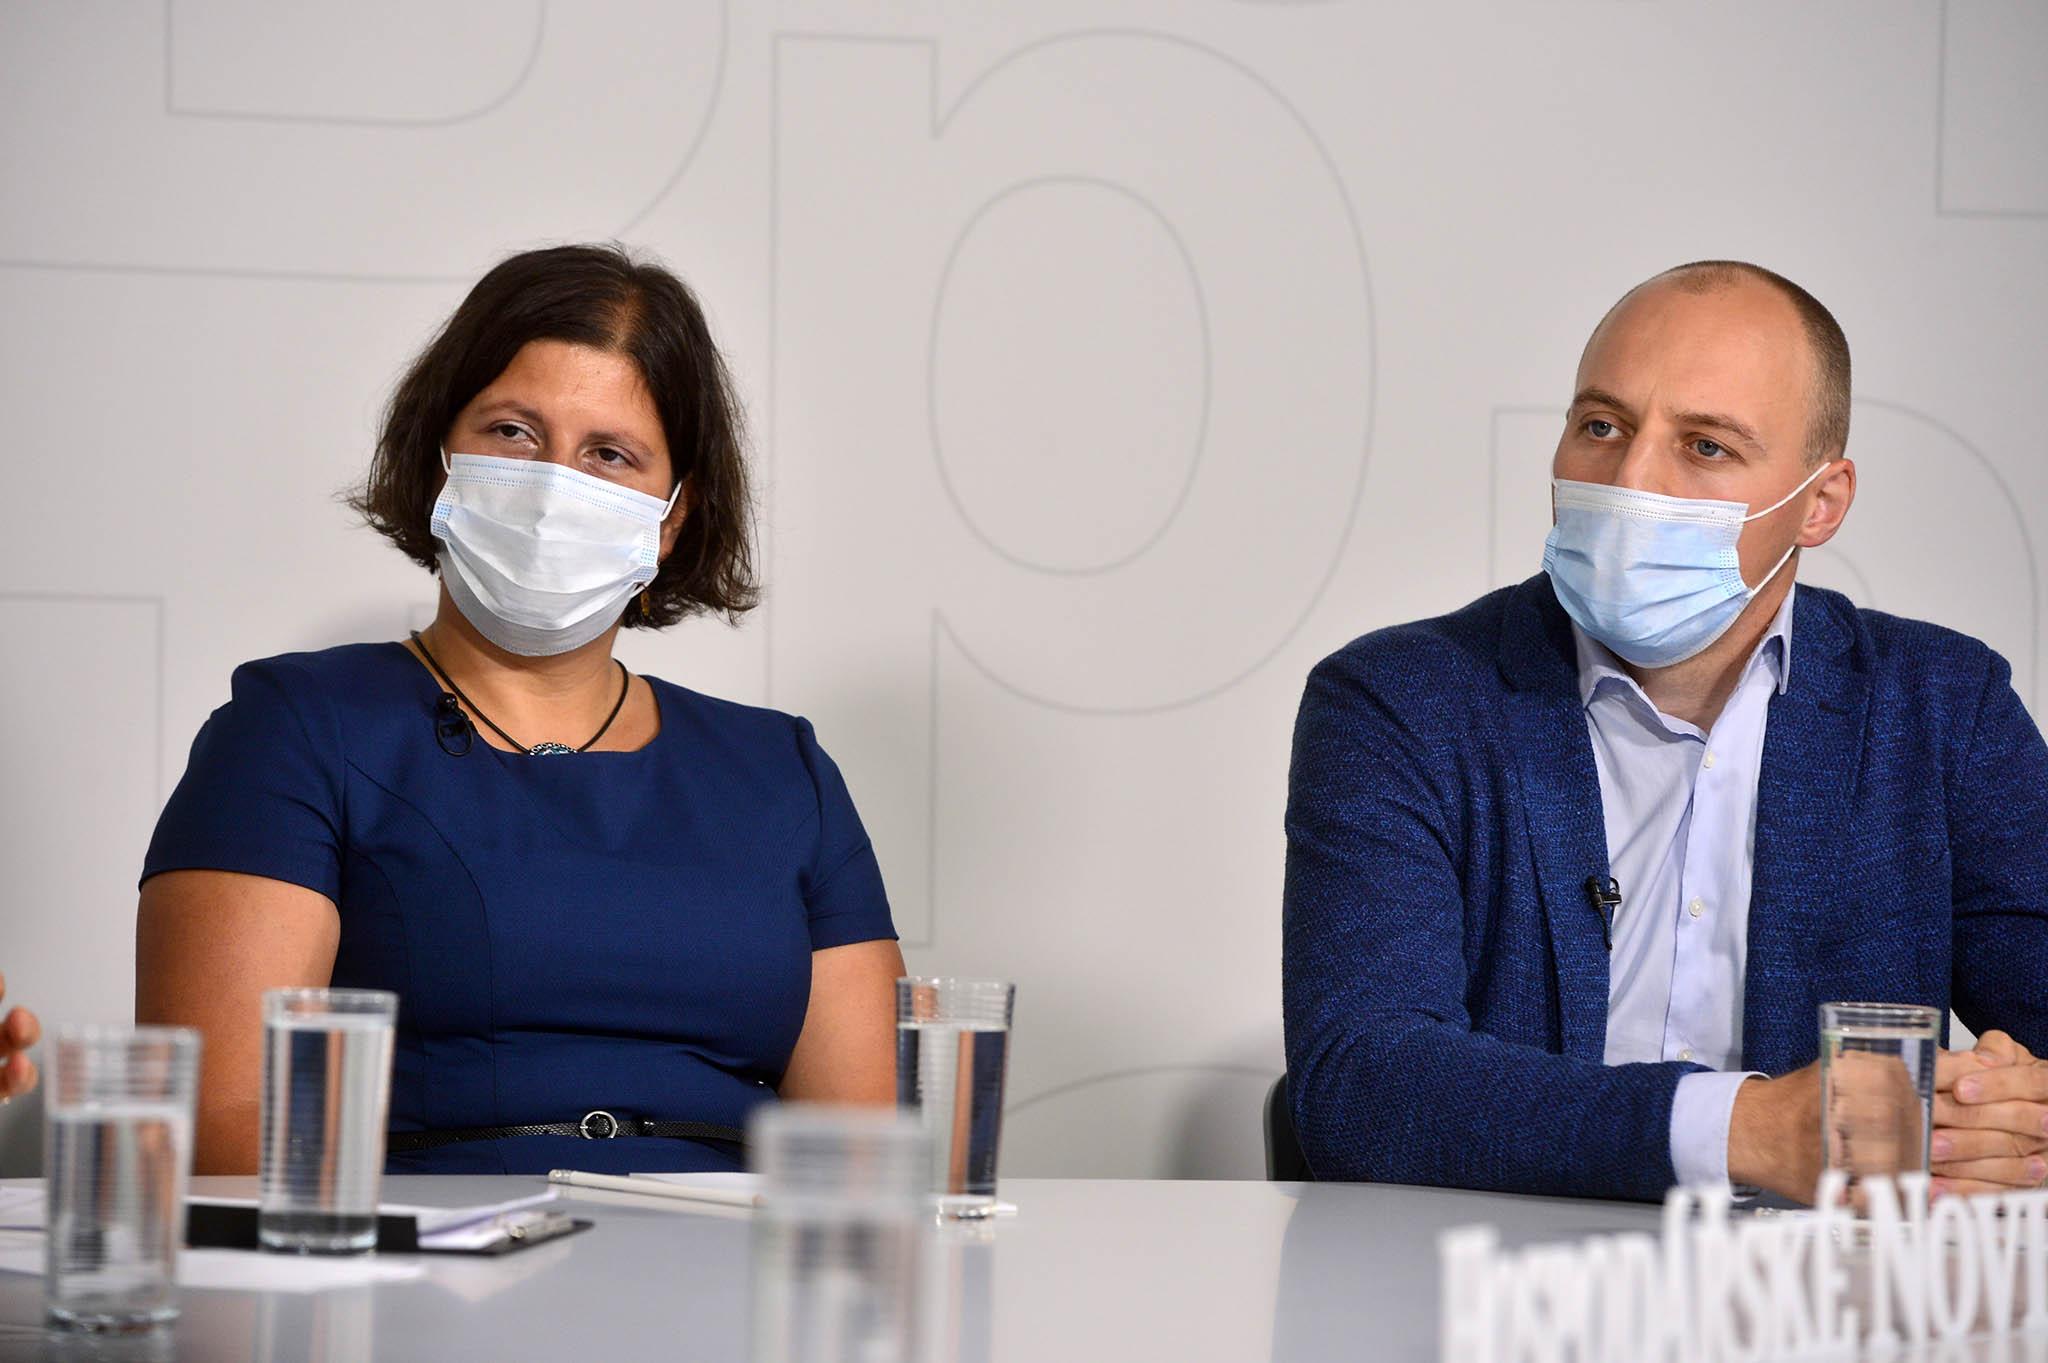 Diskuse opaliativní péči se zúčastnili Zuzana Křemenová zFakultní nemocnice Královské Vinohrady aMartin Loučka, ředitel Centra paliativní péče.